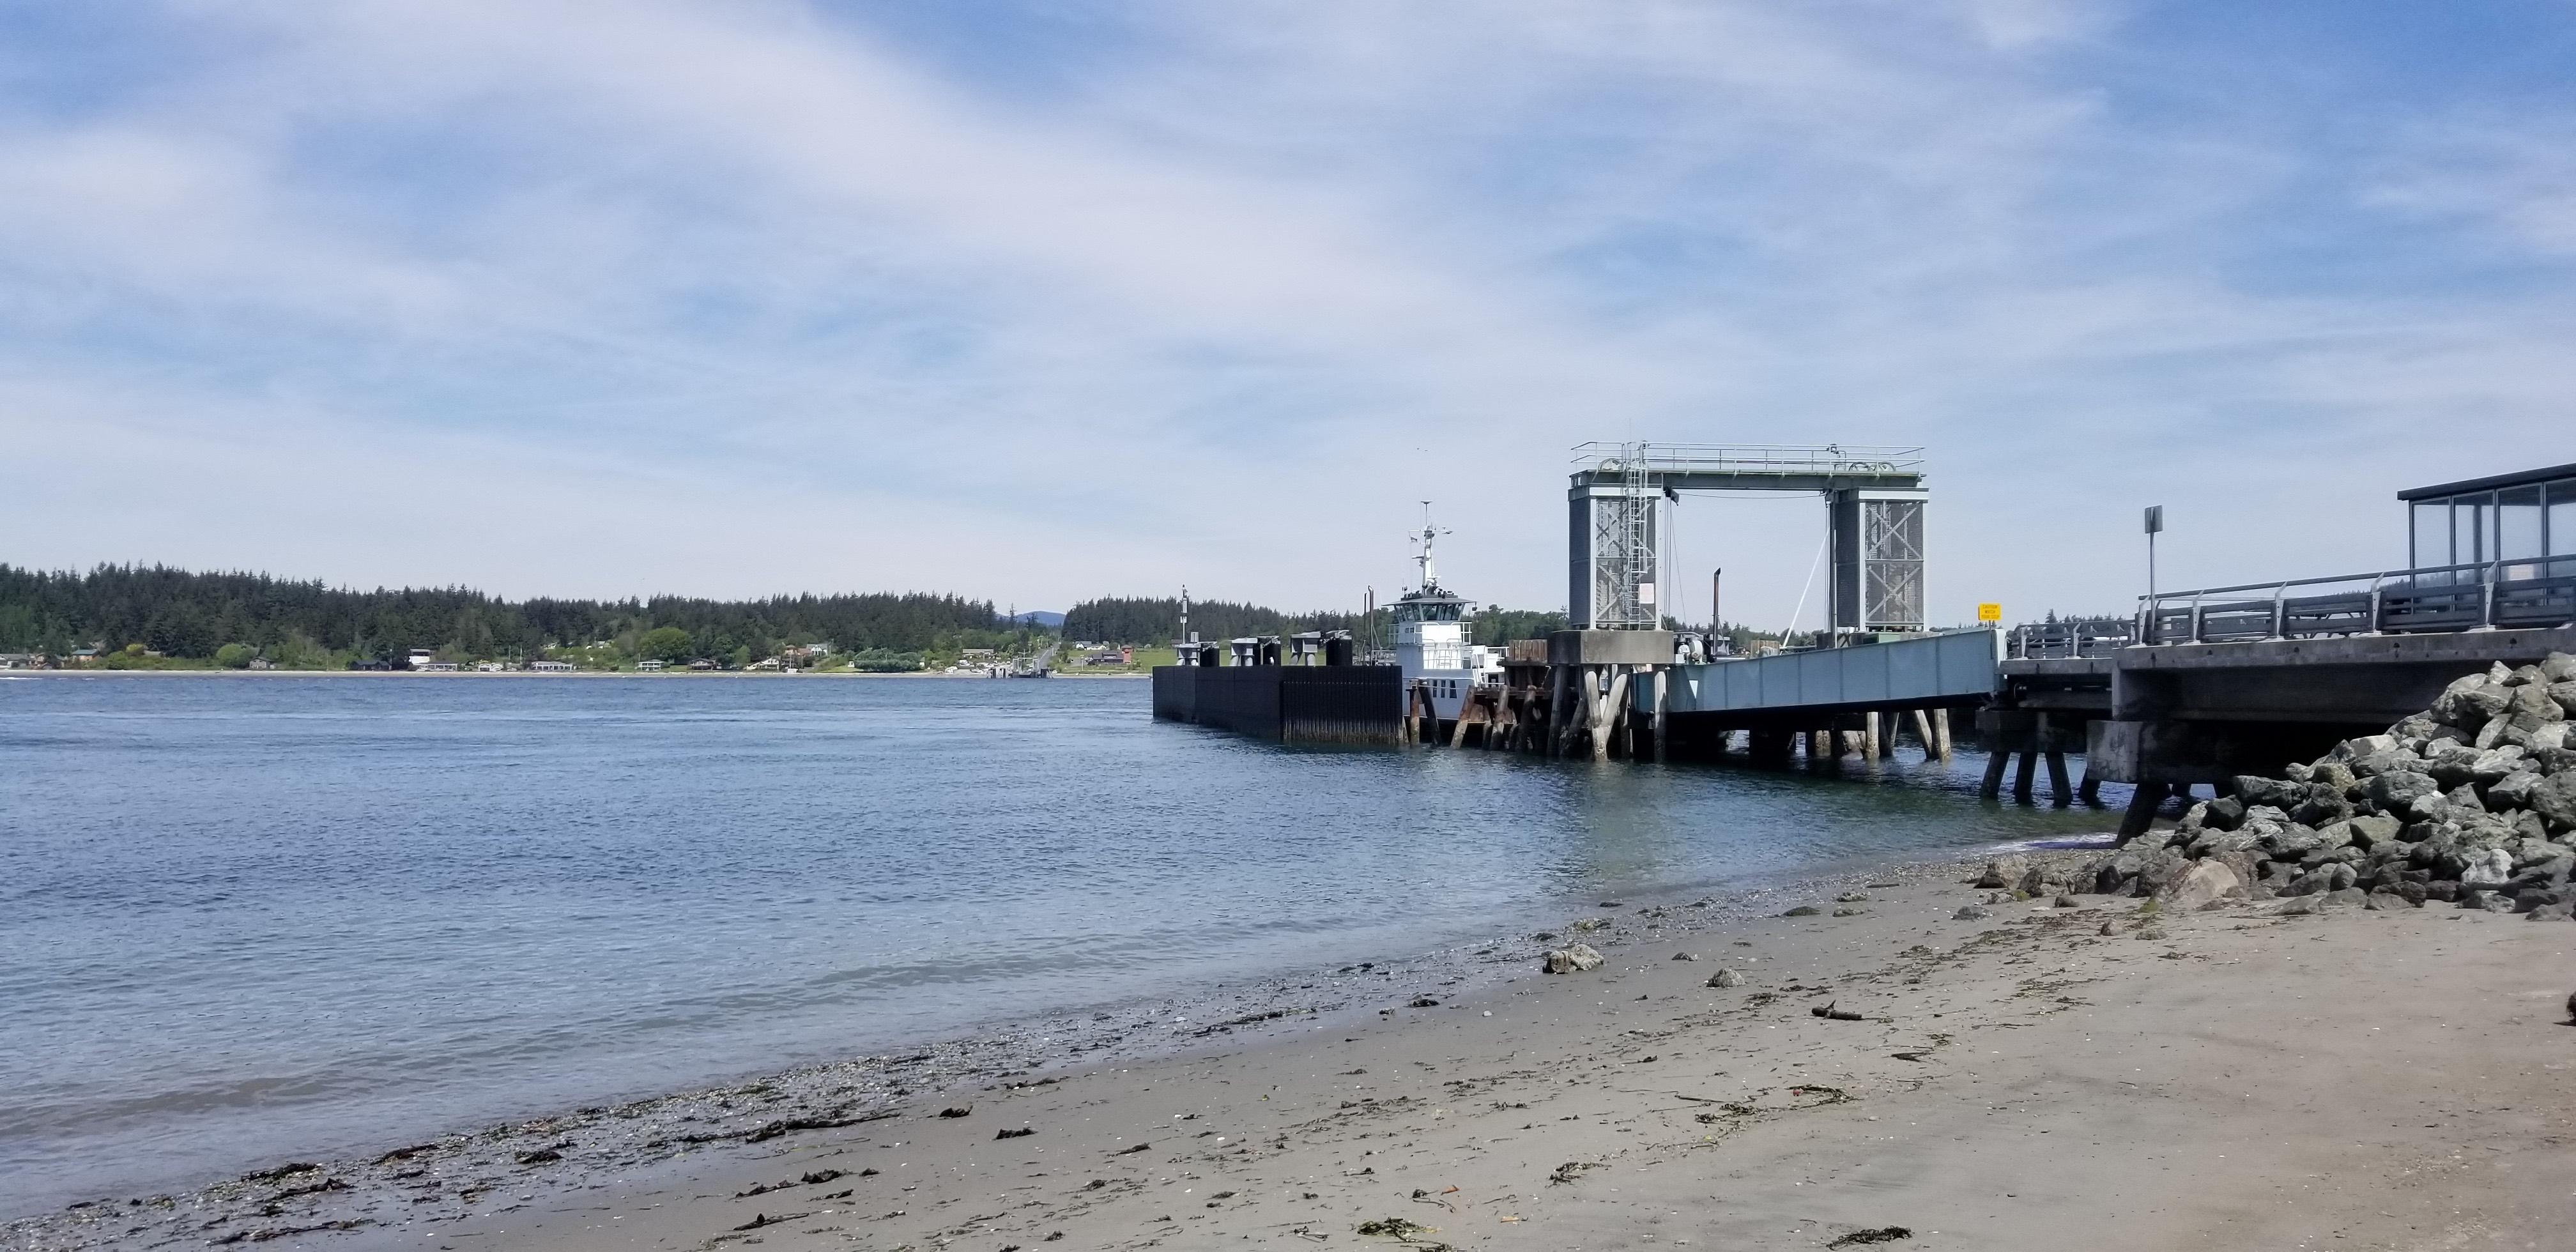 Guemes Island Wa May 2019 Pnwsota Org